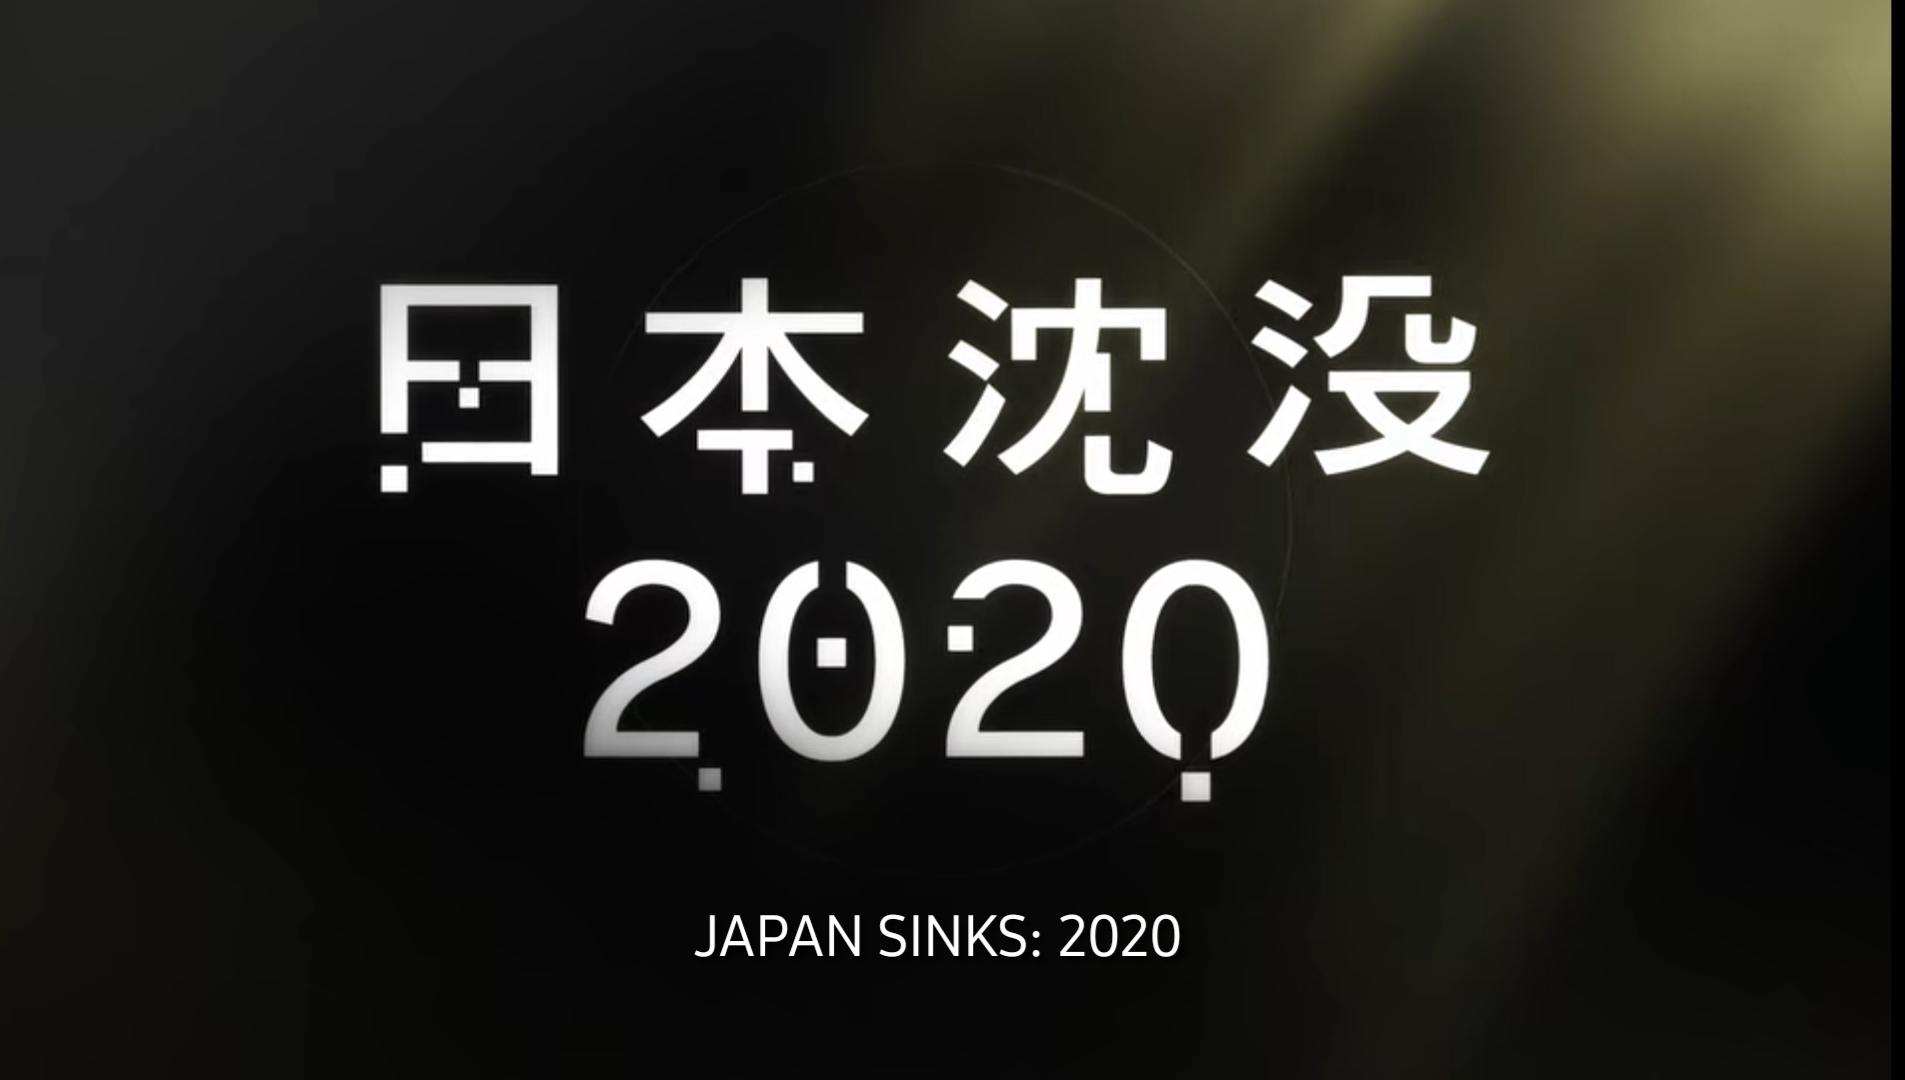 Japan Sinks: 2020 – Hope in Times of Despair